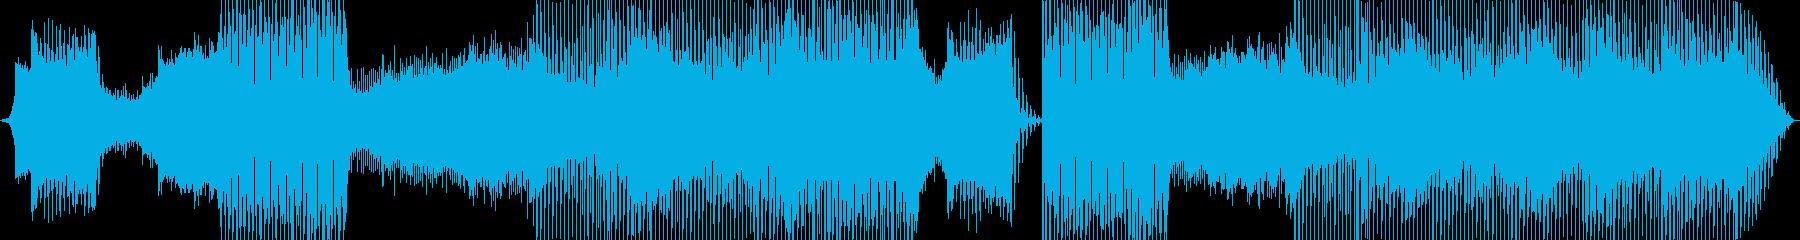 劇的に展開するEDM、トランスの再生済みの波形